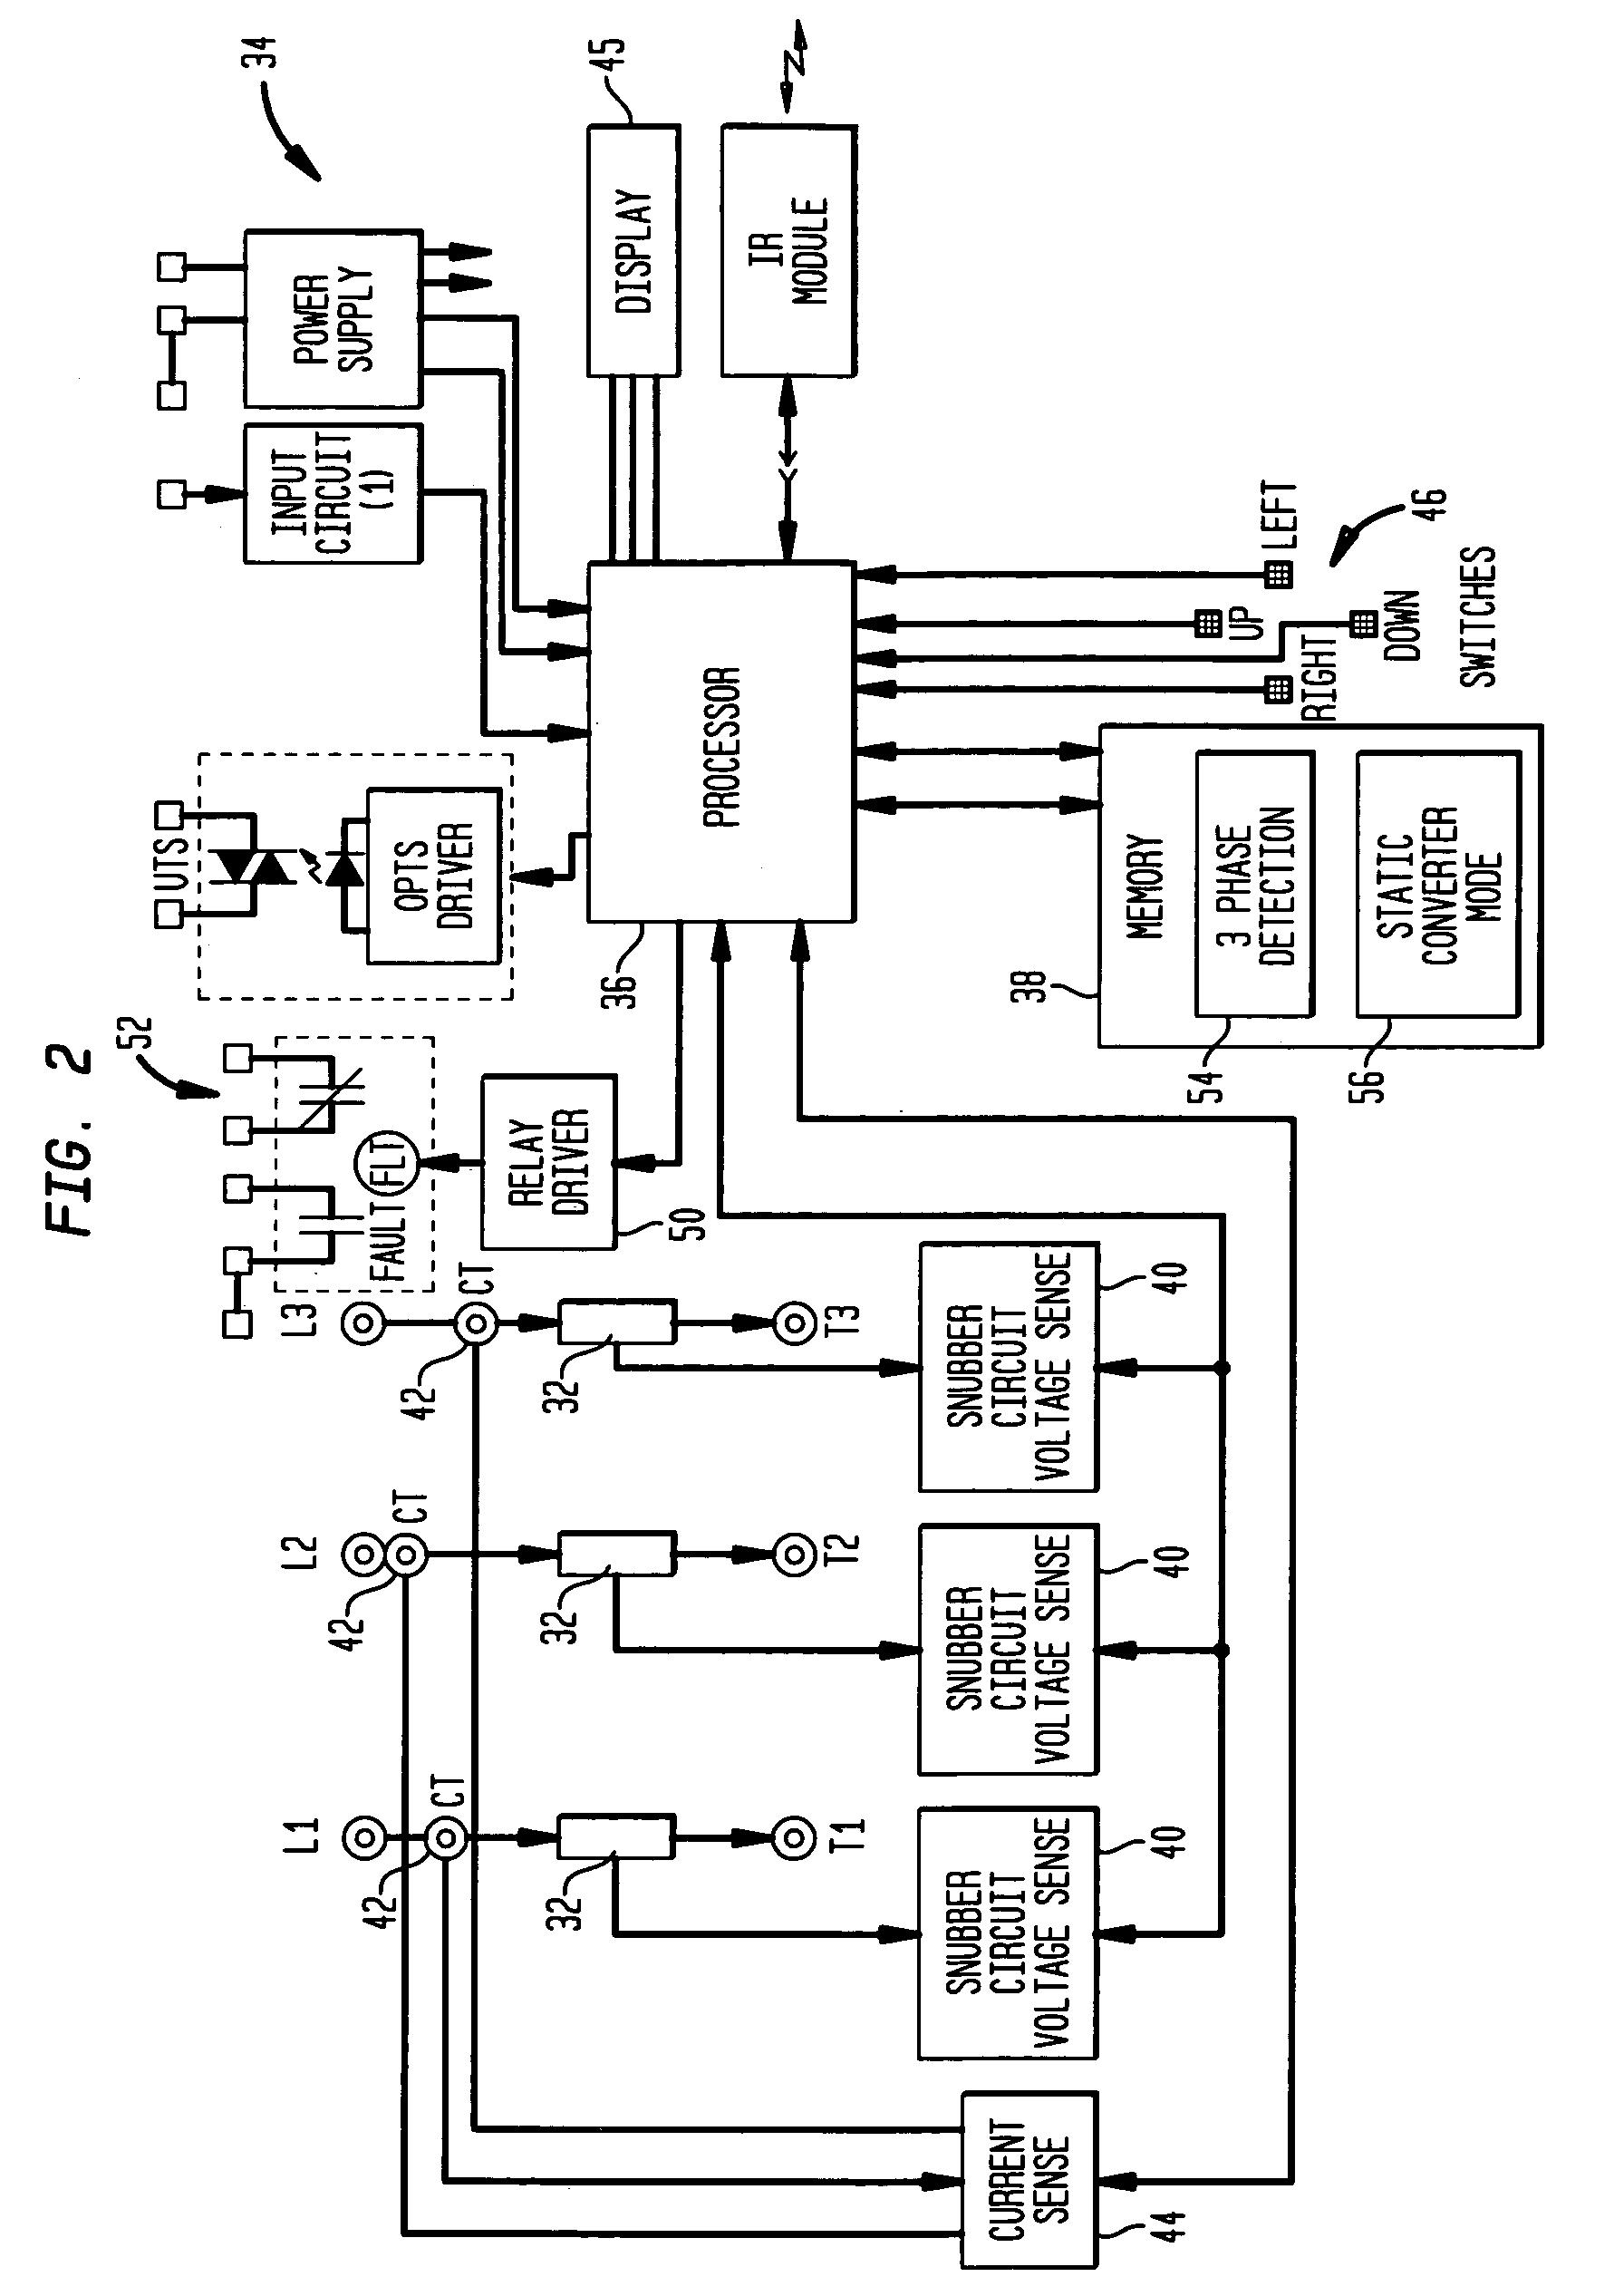 patent us7859217